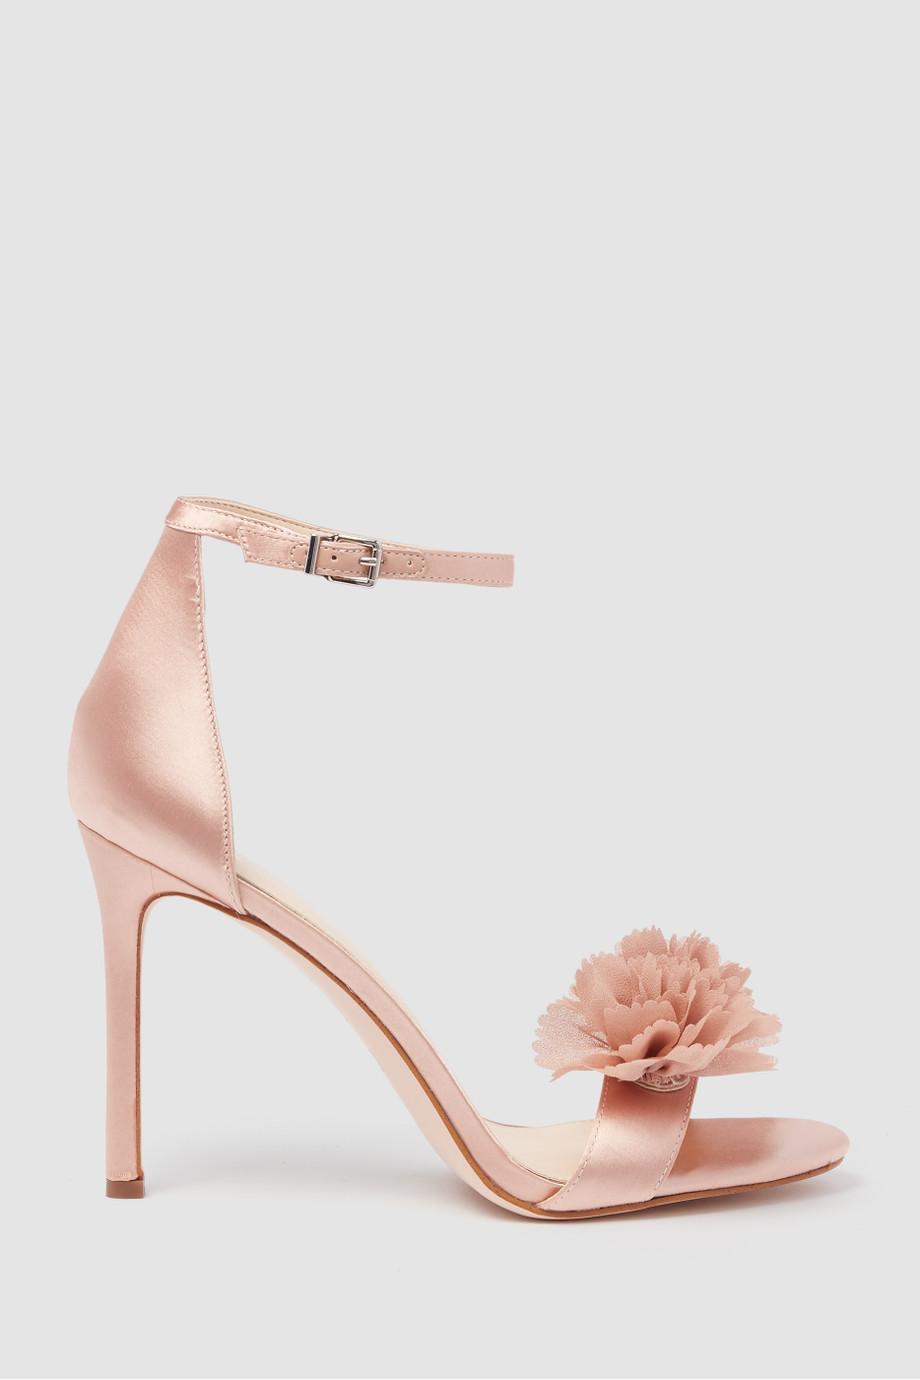 2.Jeena Flower Pom-Pom Sandals -